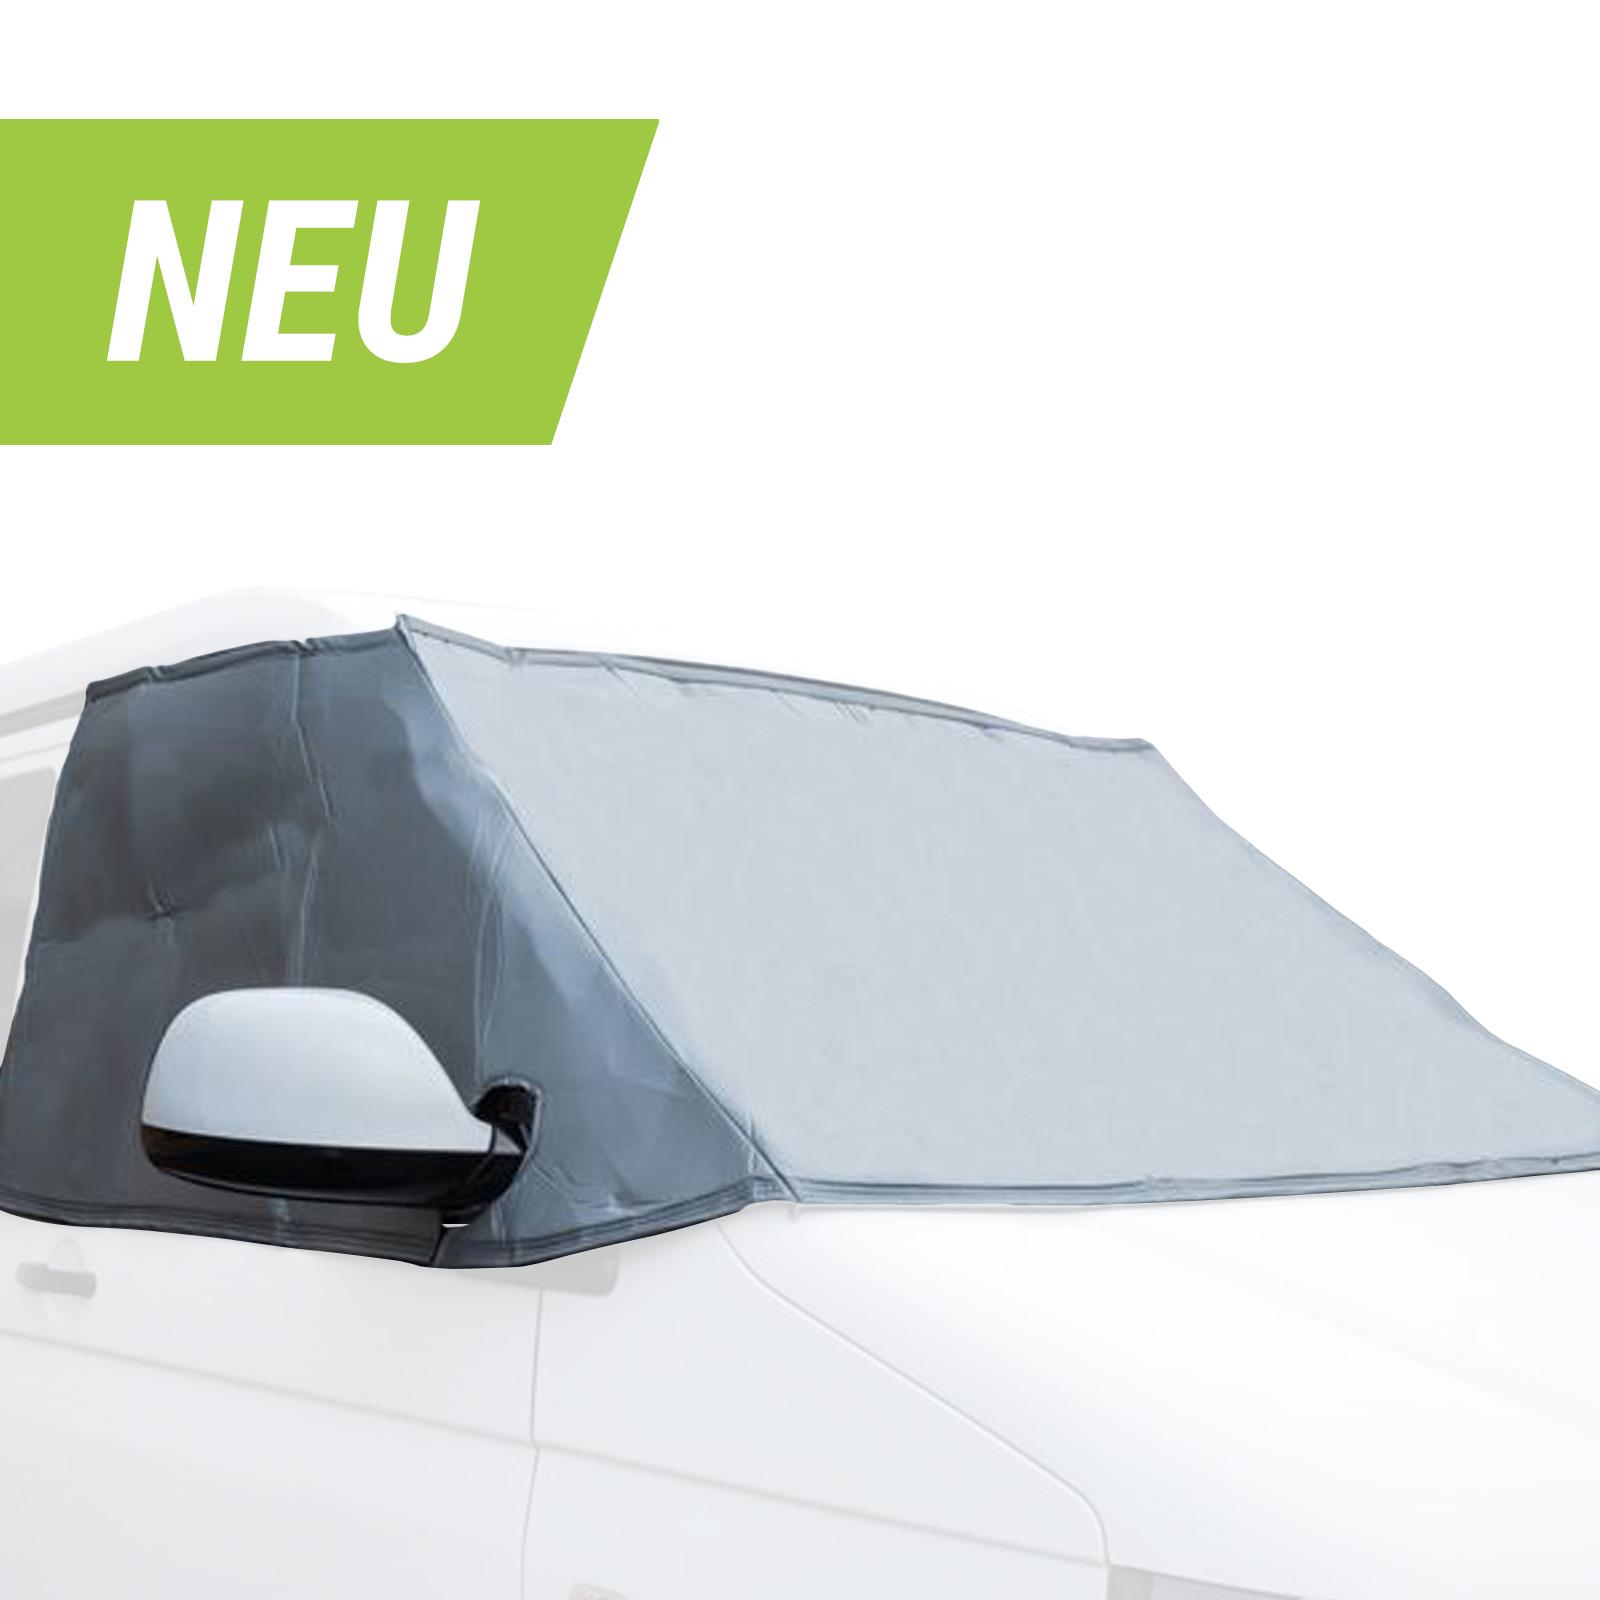 deiwo® Frontschutzplane Isolierung für verschiedene Fahrzeugmodelle